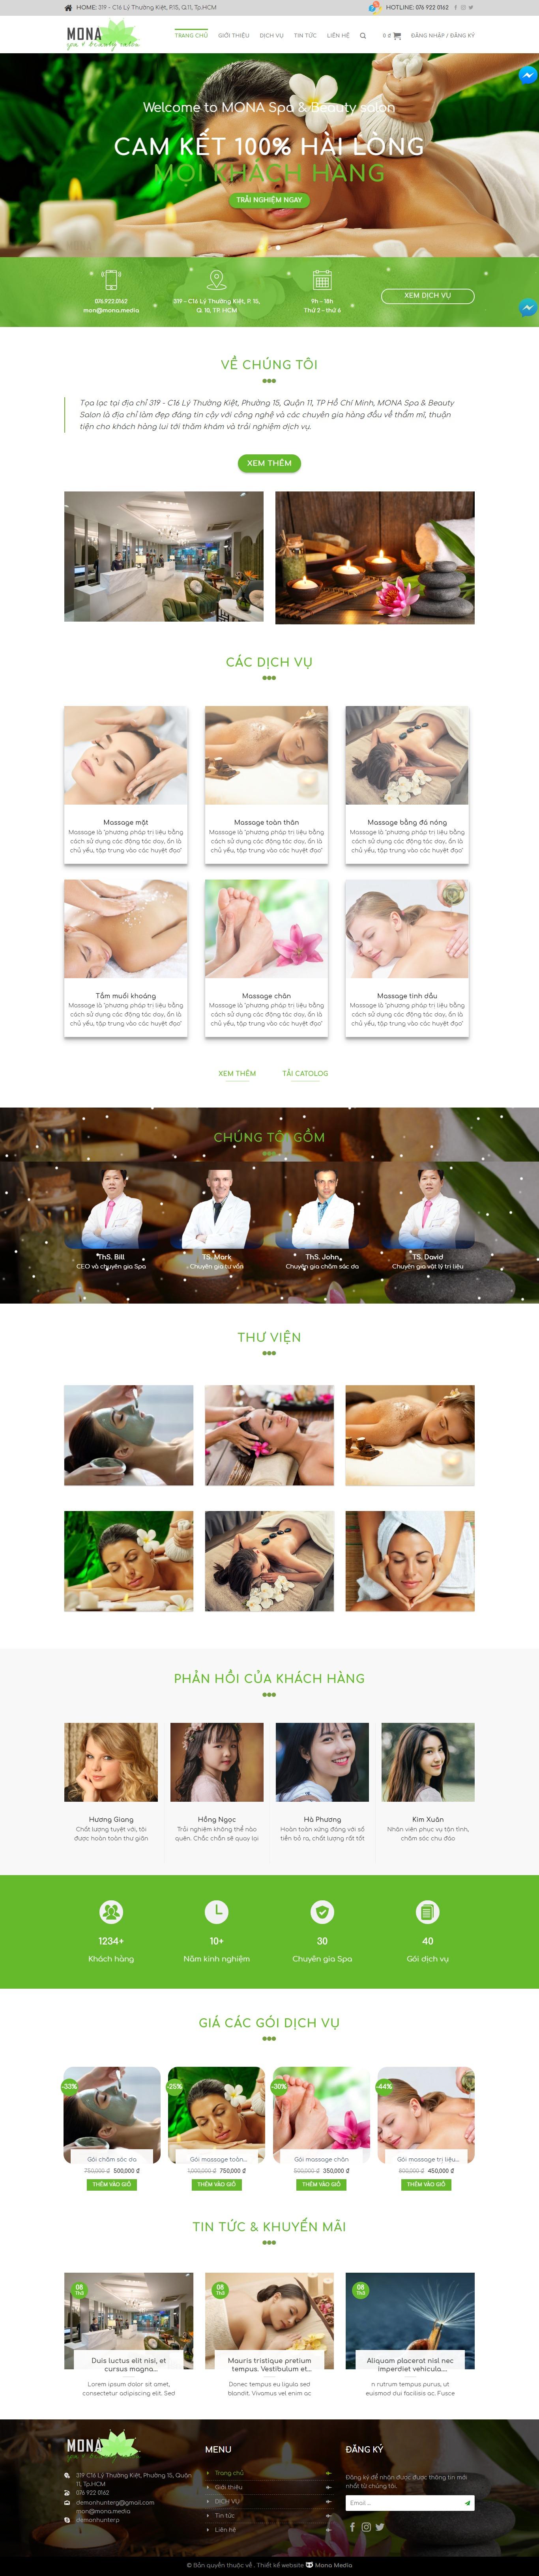 Mẫu website giới thiệu spa cao cấp